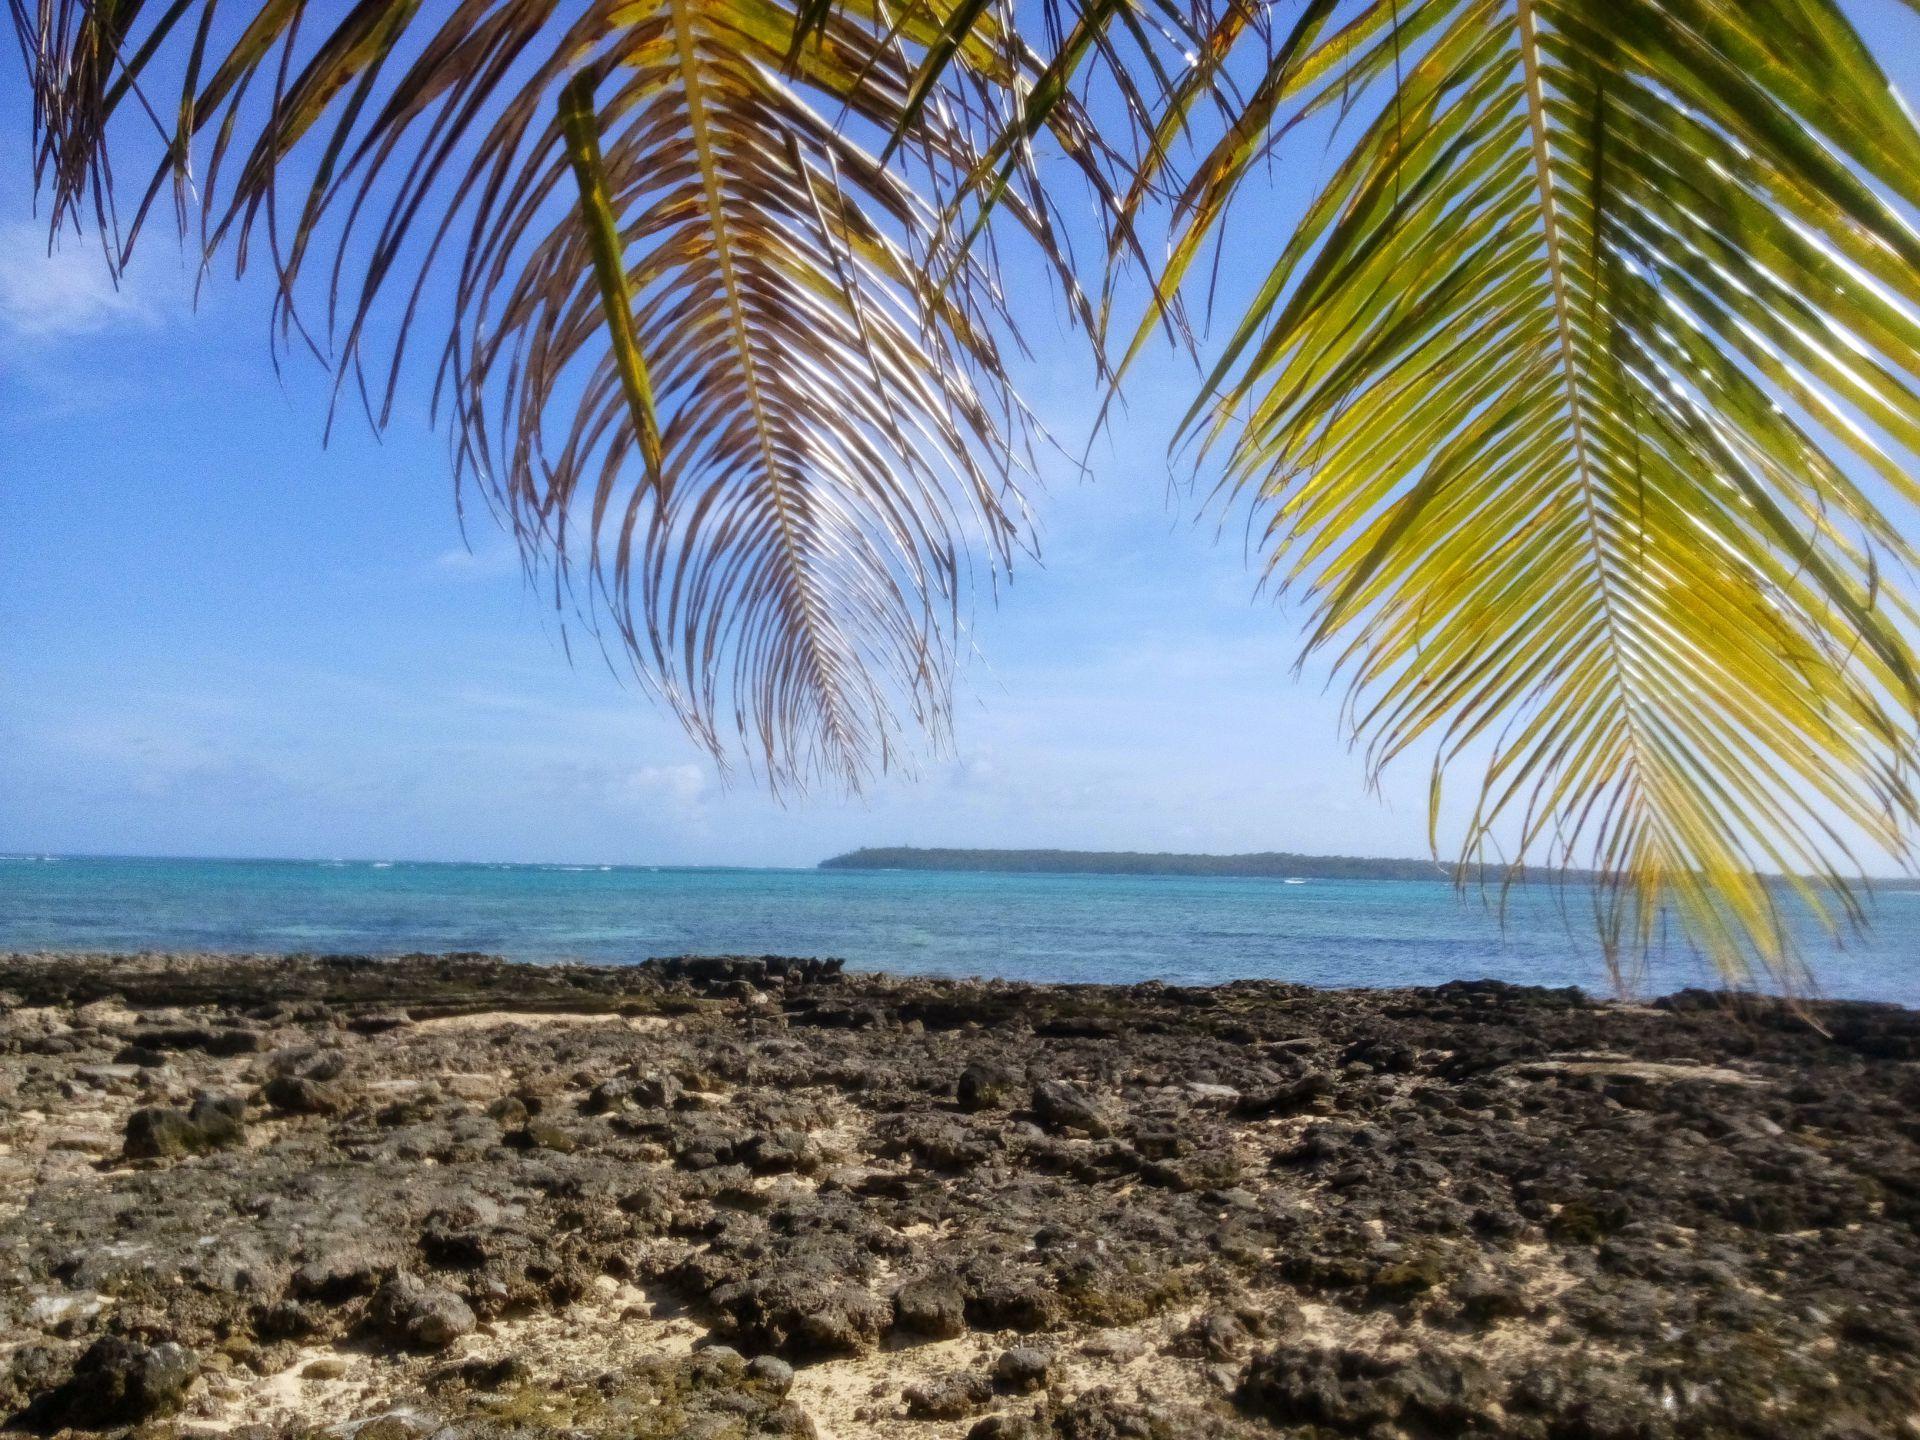 Wyspa Daco, tak właściwie nie ma na niej za wiele, za to widoki są piękne